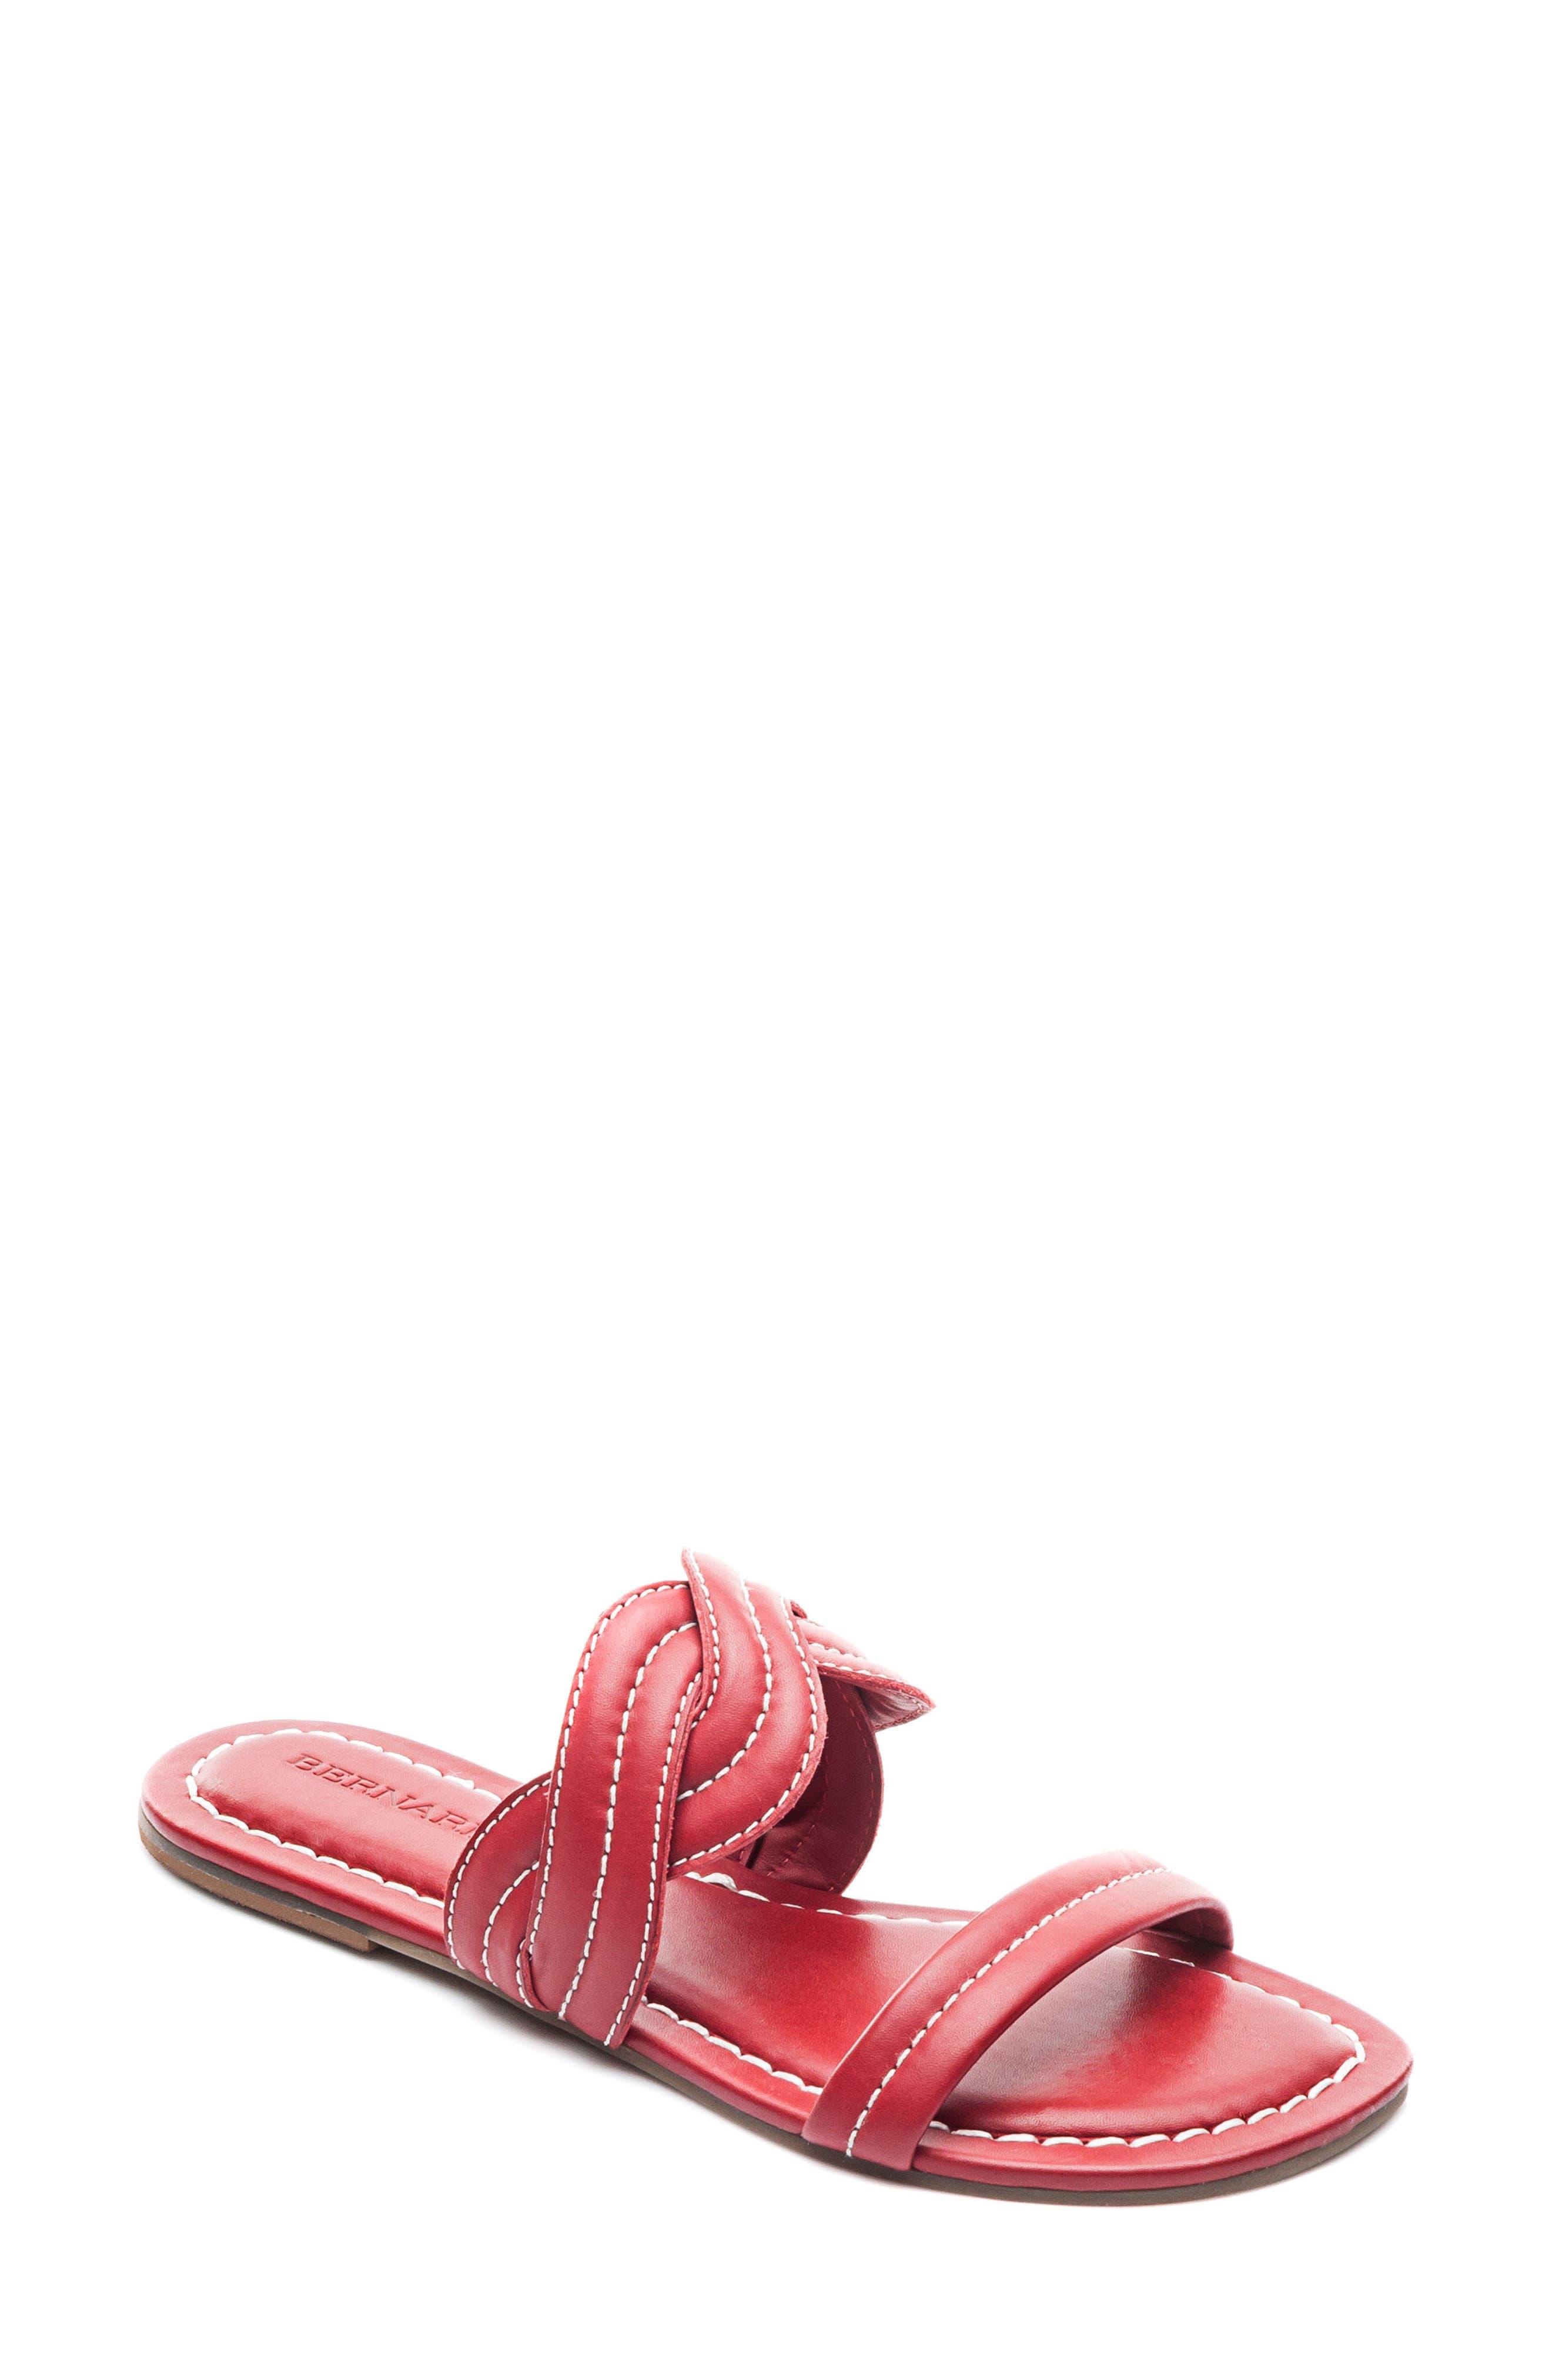 Bernardo Mirian Slide Sandal,                         Main,                         color, Red Leather